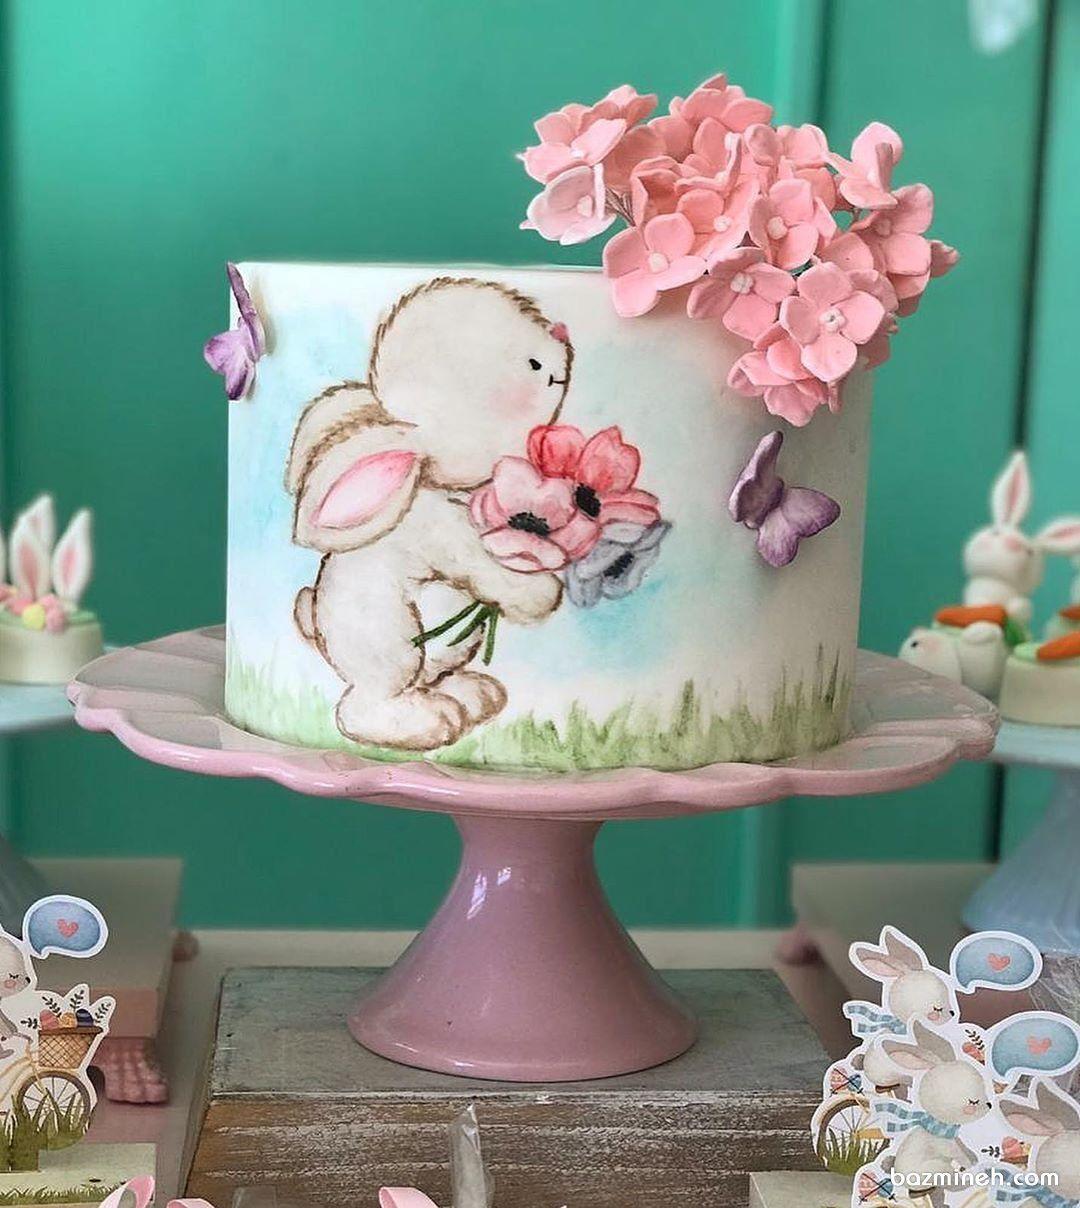 مینی کیک رمانتیک جشن تولد دخترونه با تم خرگوش (With images